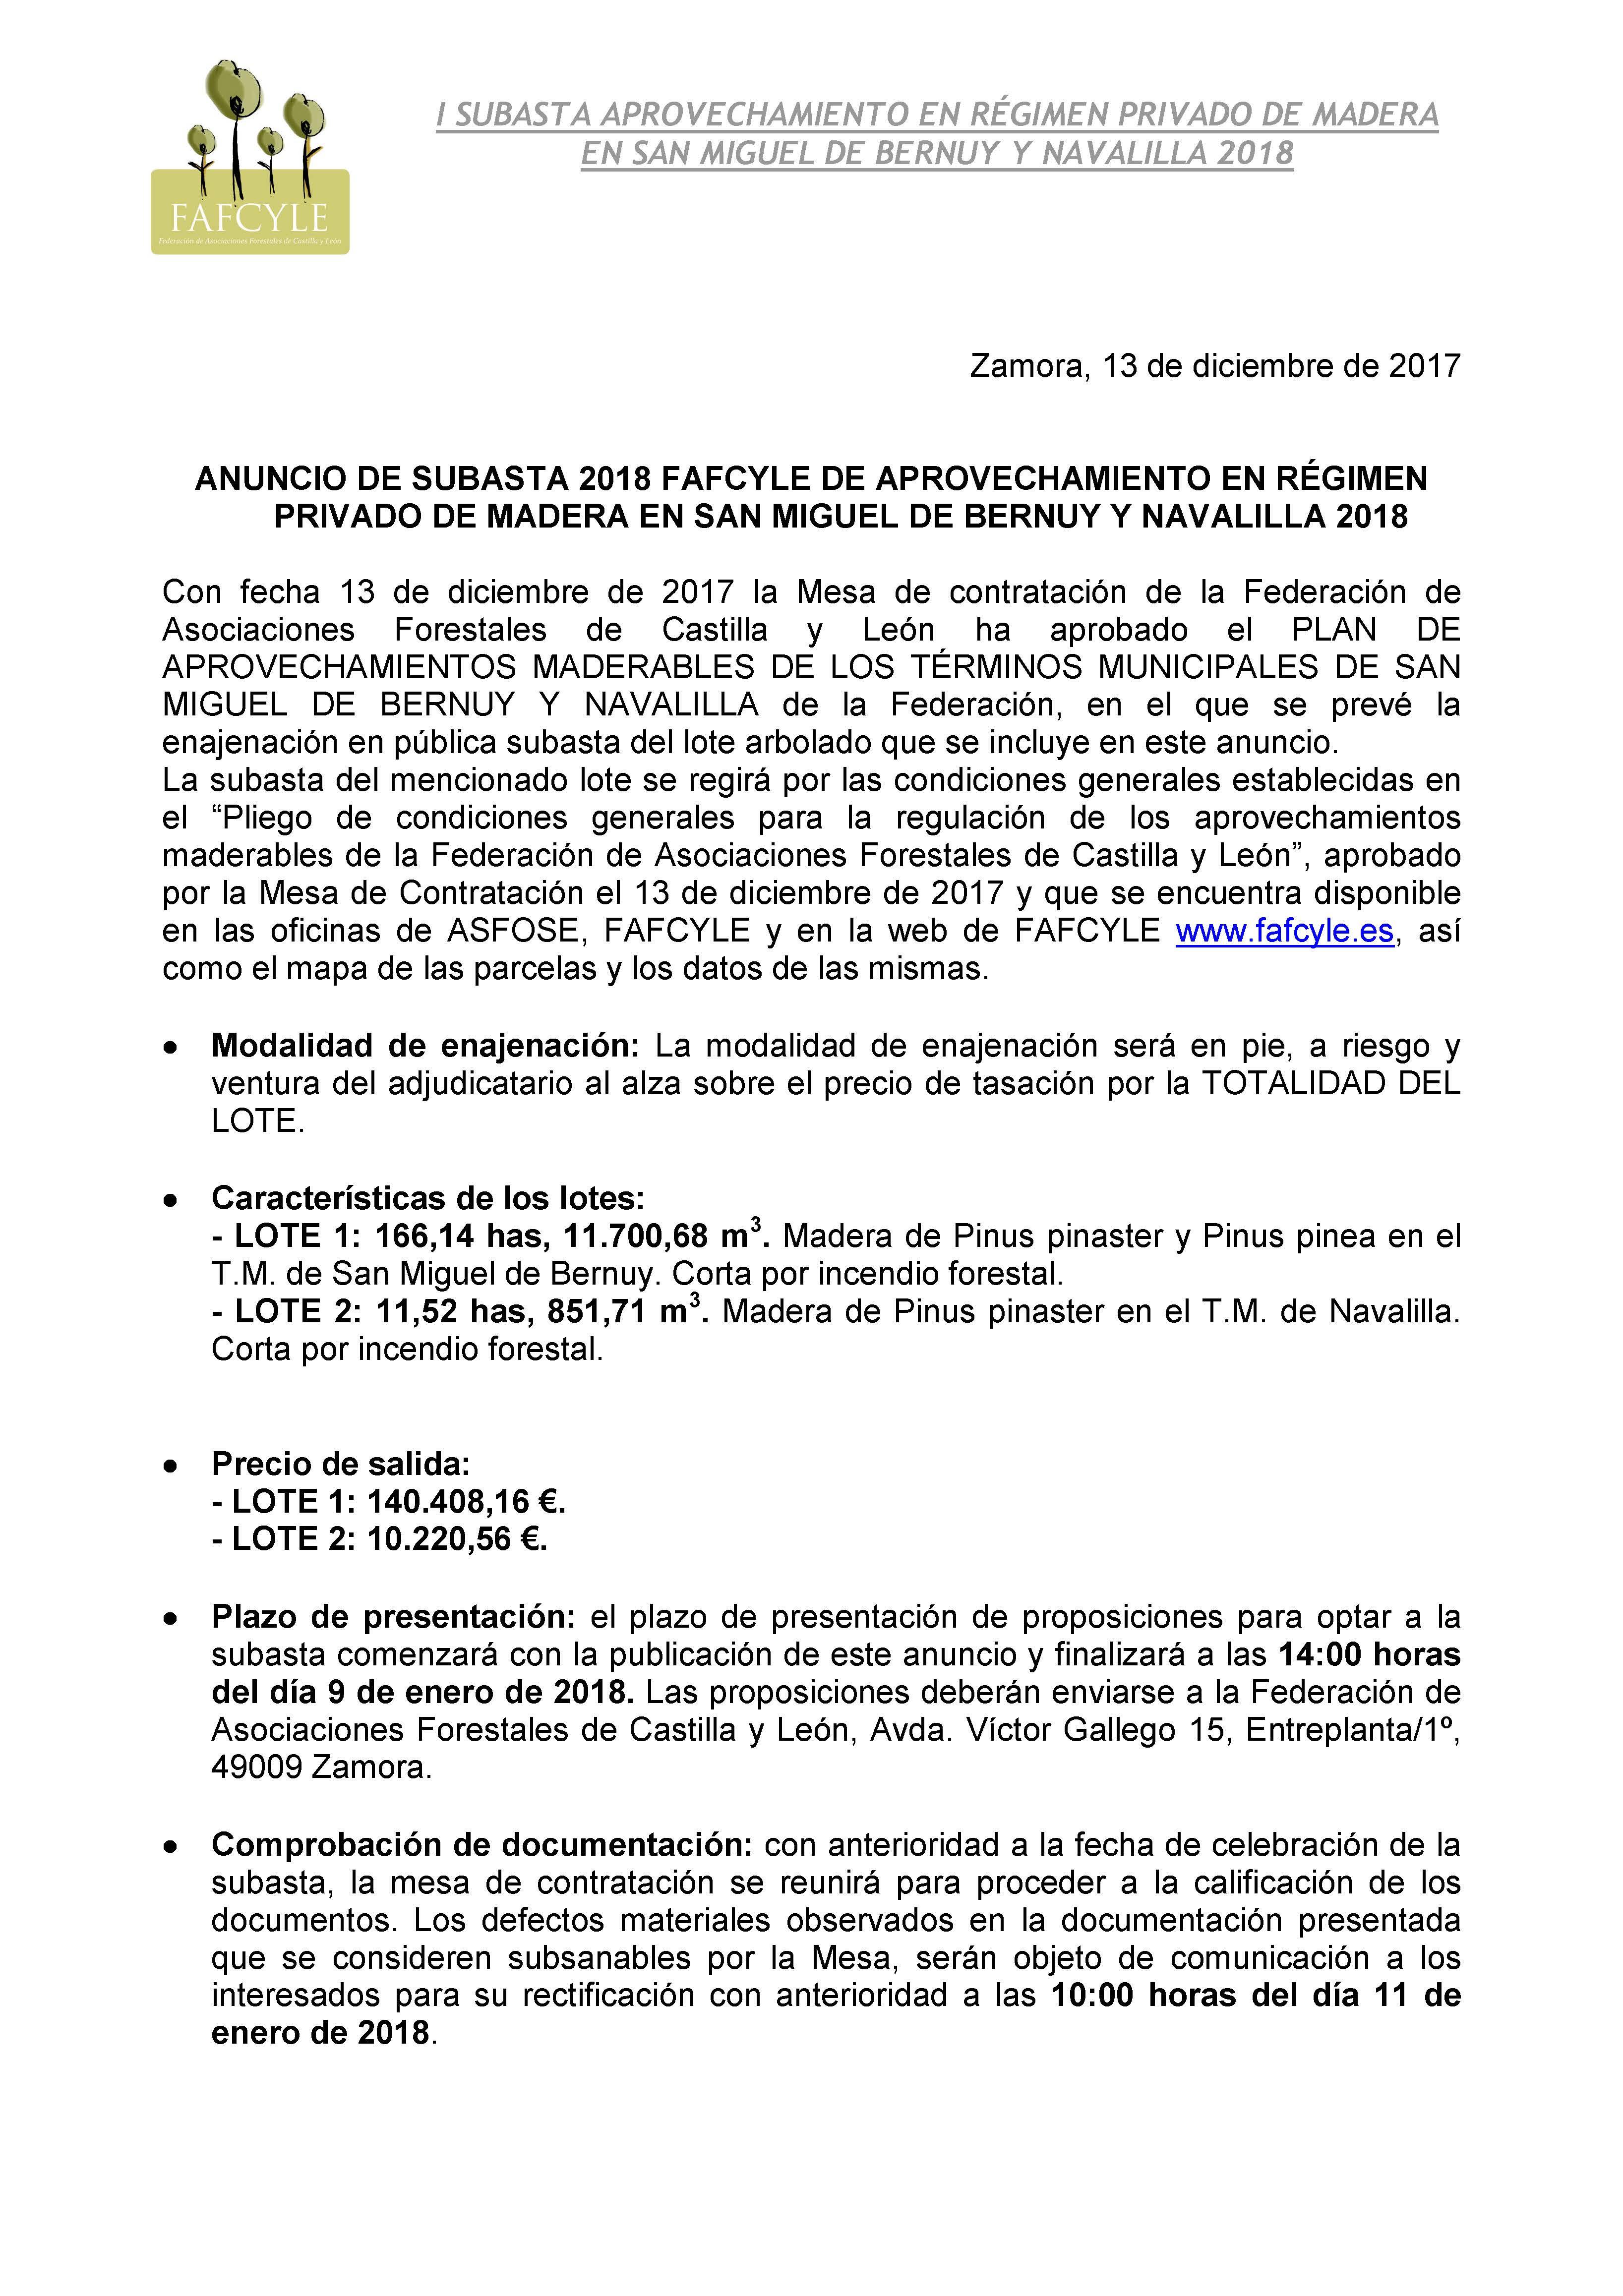 anuncio subasta 2018 San Miguel de Bernuy y Navalilla_Página_1